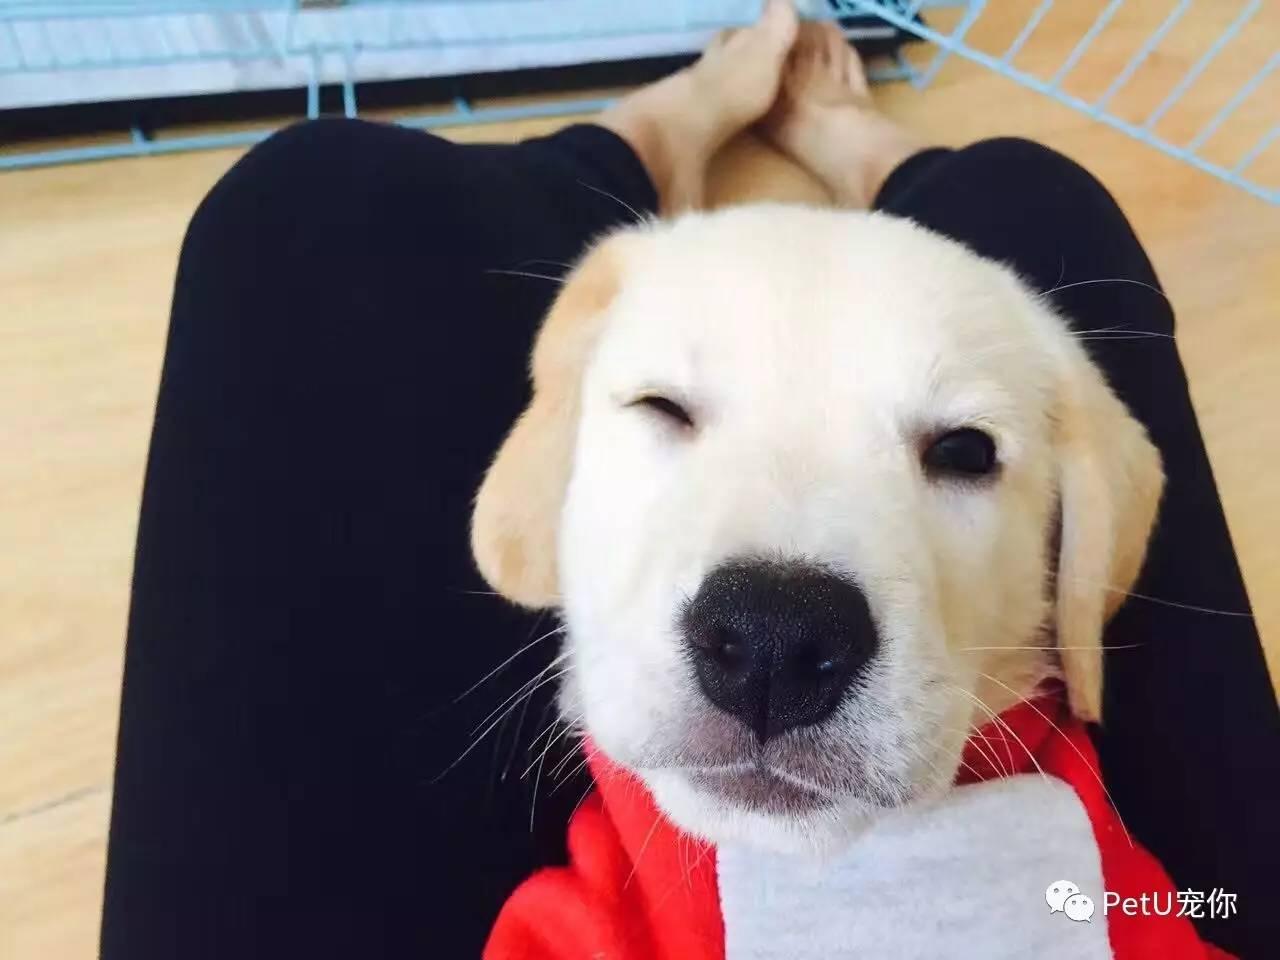 天天要和狗做爱_在宠物店上班就可以天天和狗玩?——\